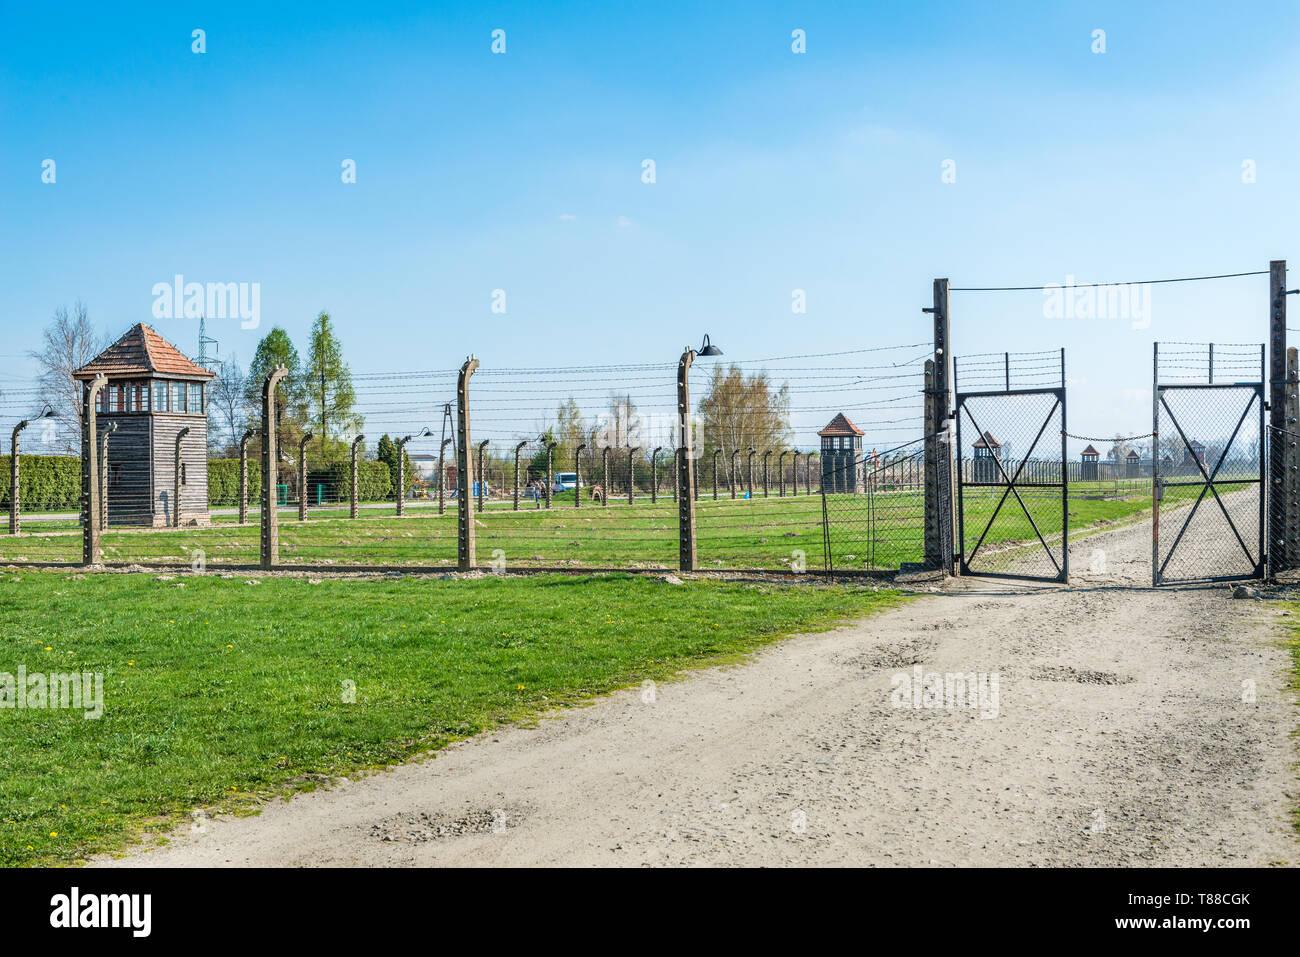 AUSCHWITZ (OSWIECIM), POLAND - APRIL 18, 2019: Electric fence and barracks in Auschwitz Birkenau extermination death camp, Poland - Stock Image